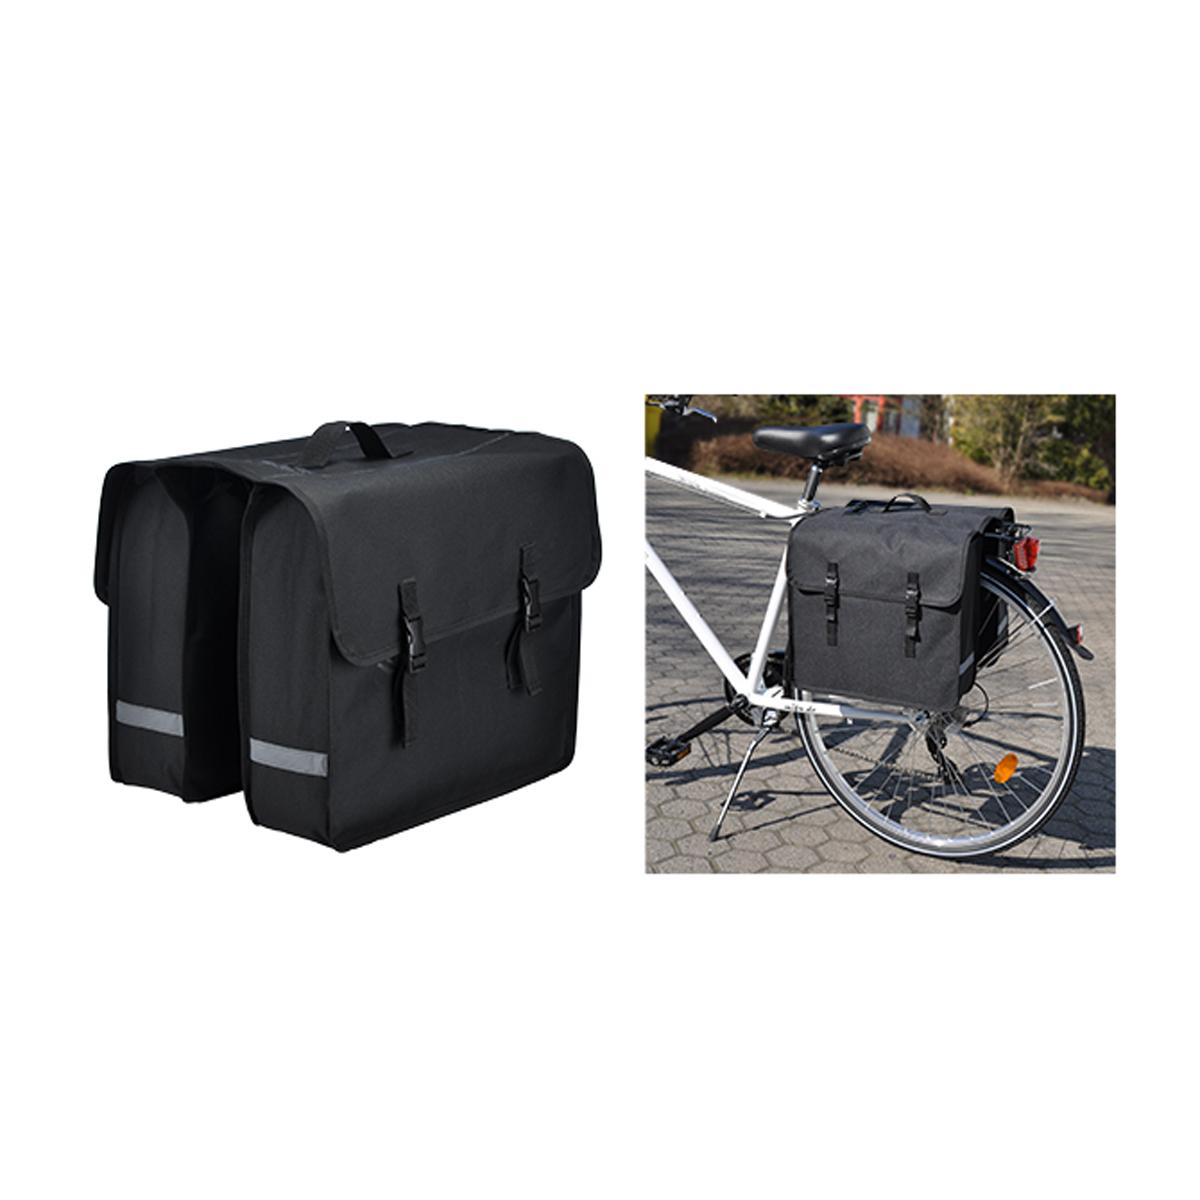 fahrrad gep cktasche schwarz wasserabweisend haushalt koffer und trolleys. Black Bedroom Furniture Sets. Home Design Ideas